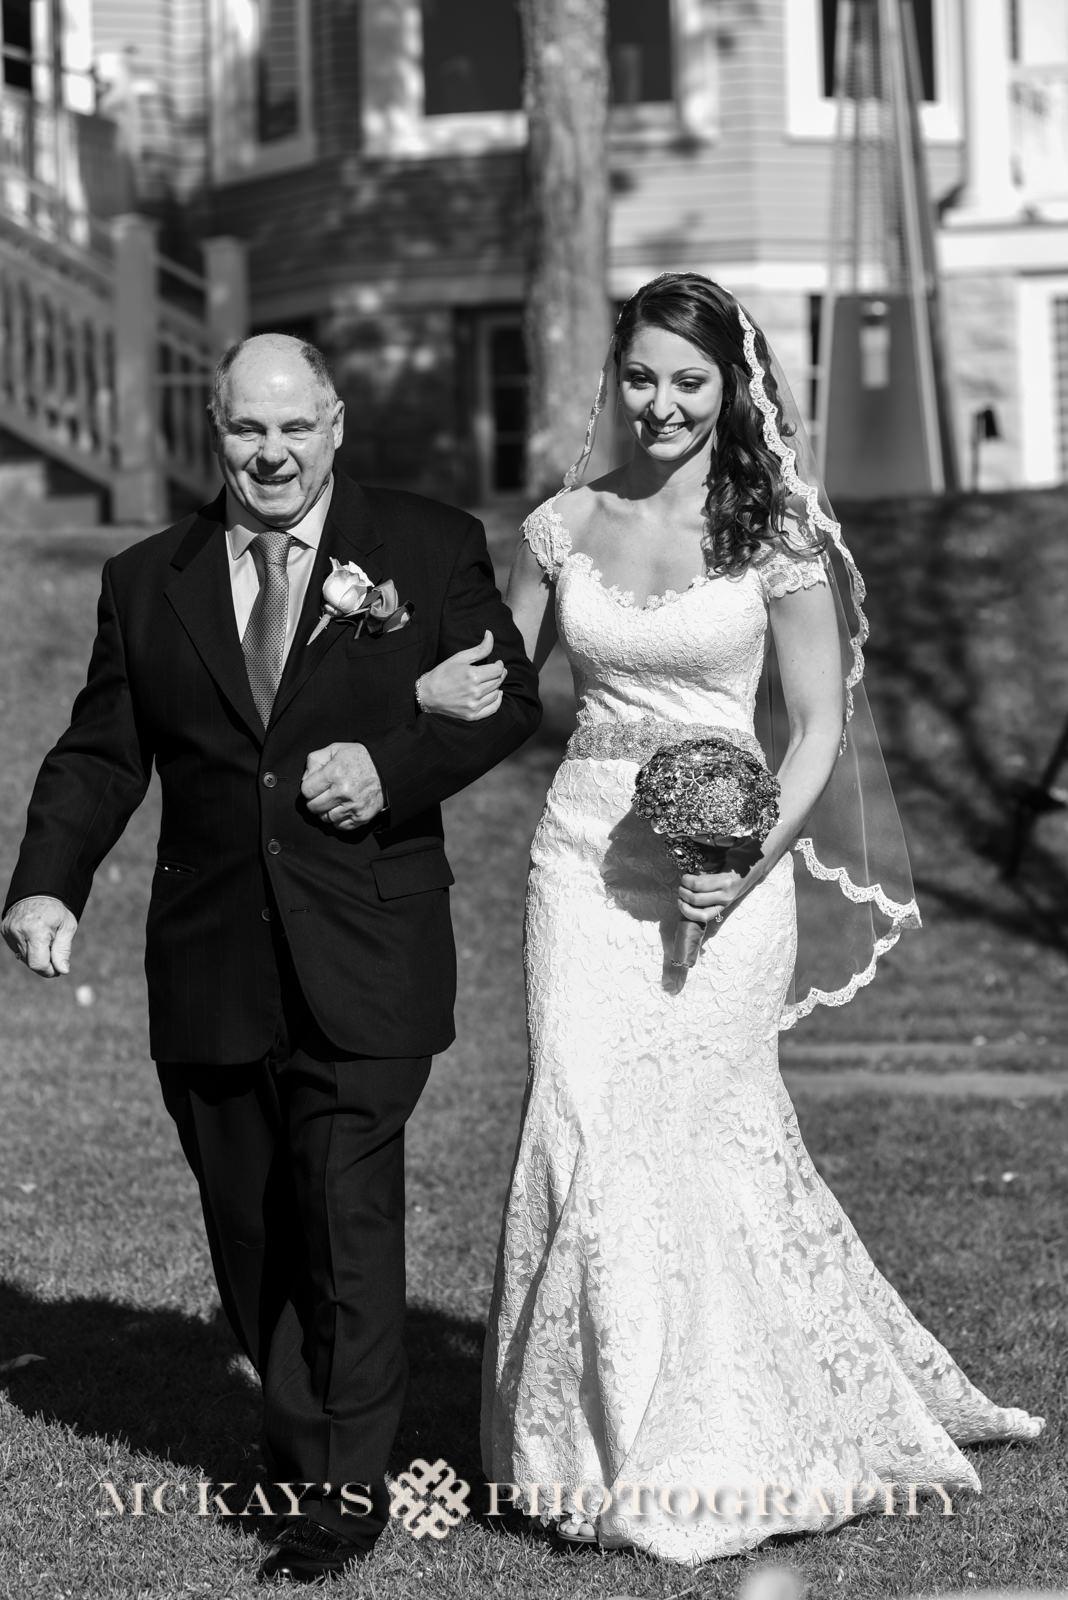 Finger Lakes wedding photographers who travel